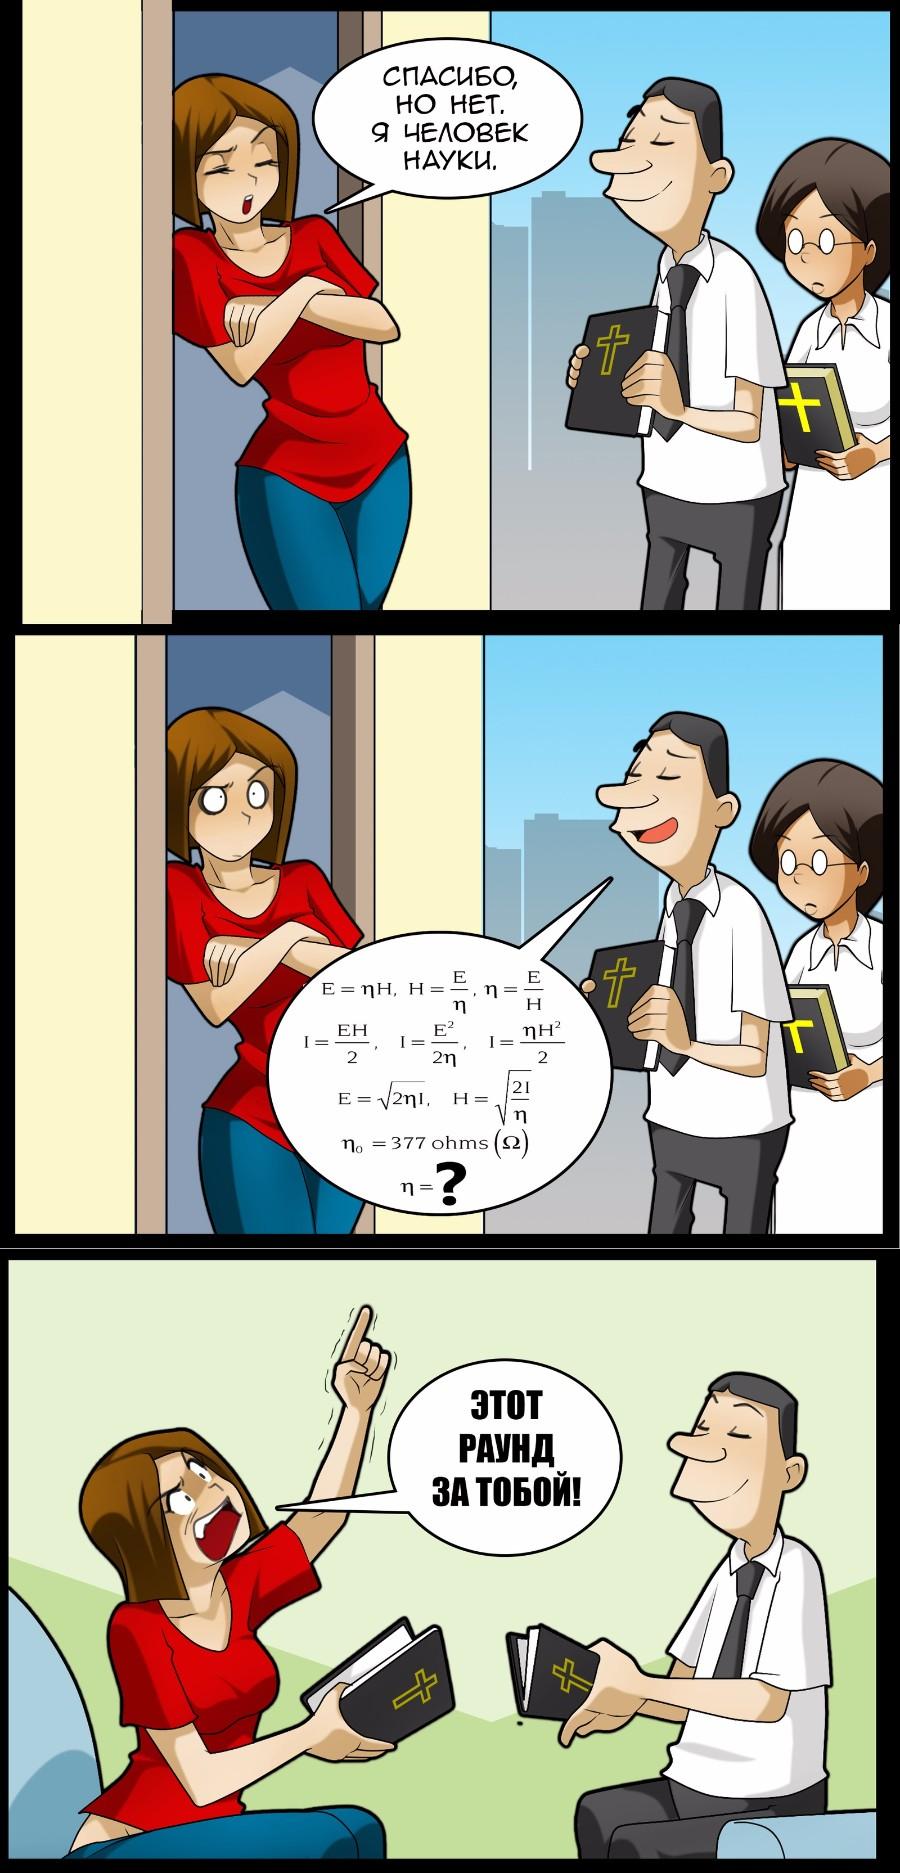 Человек науки